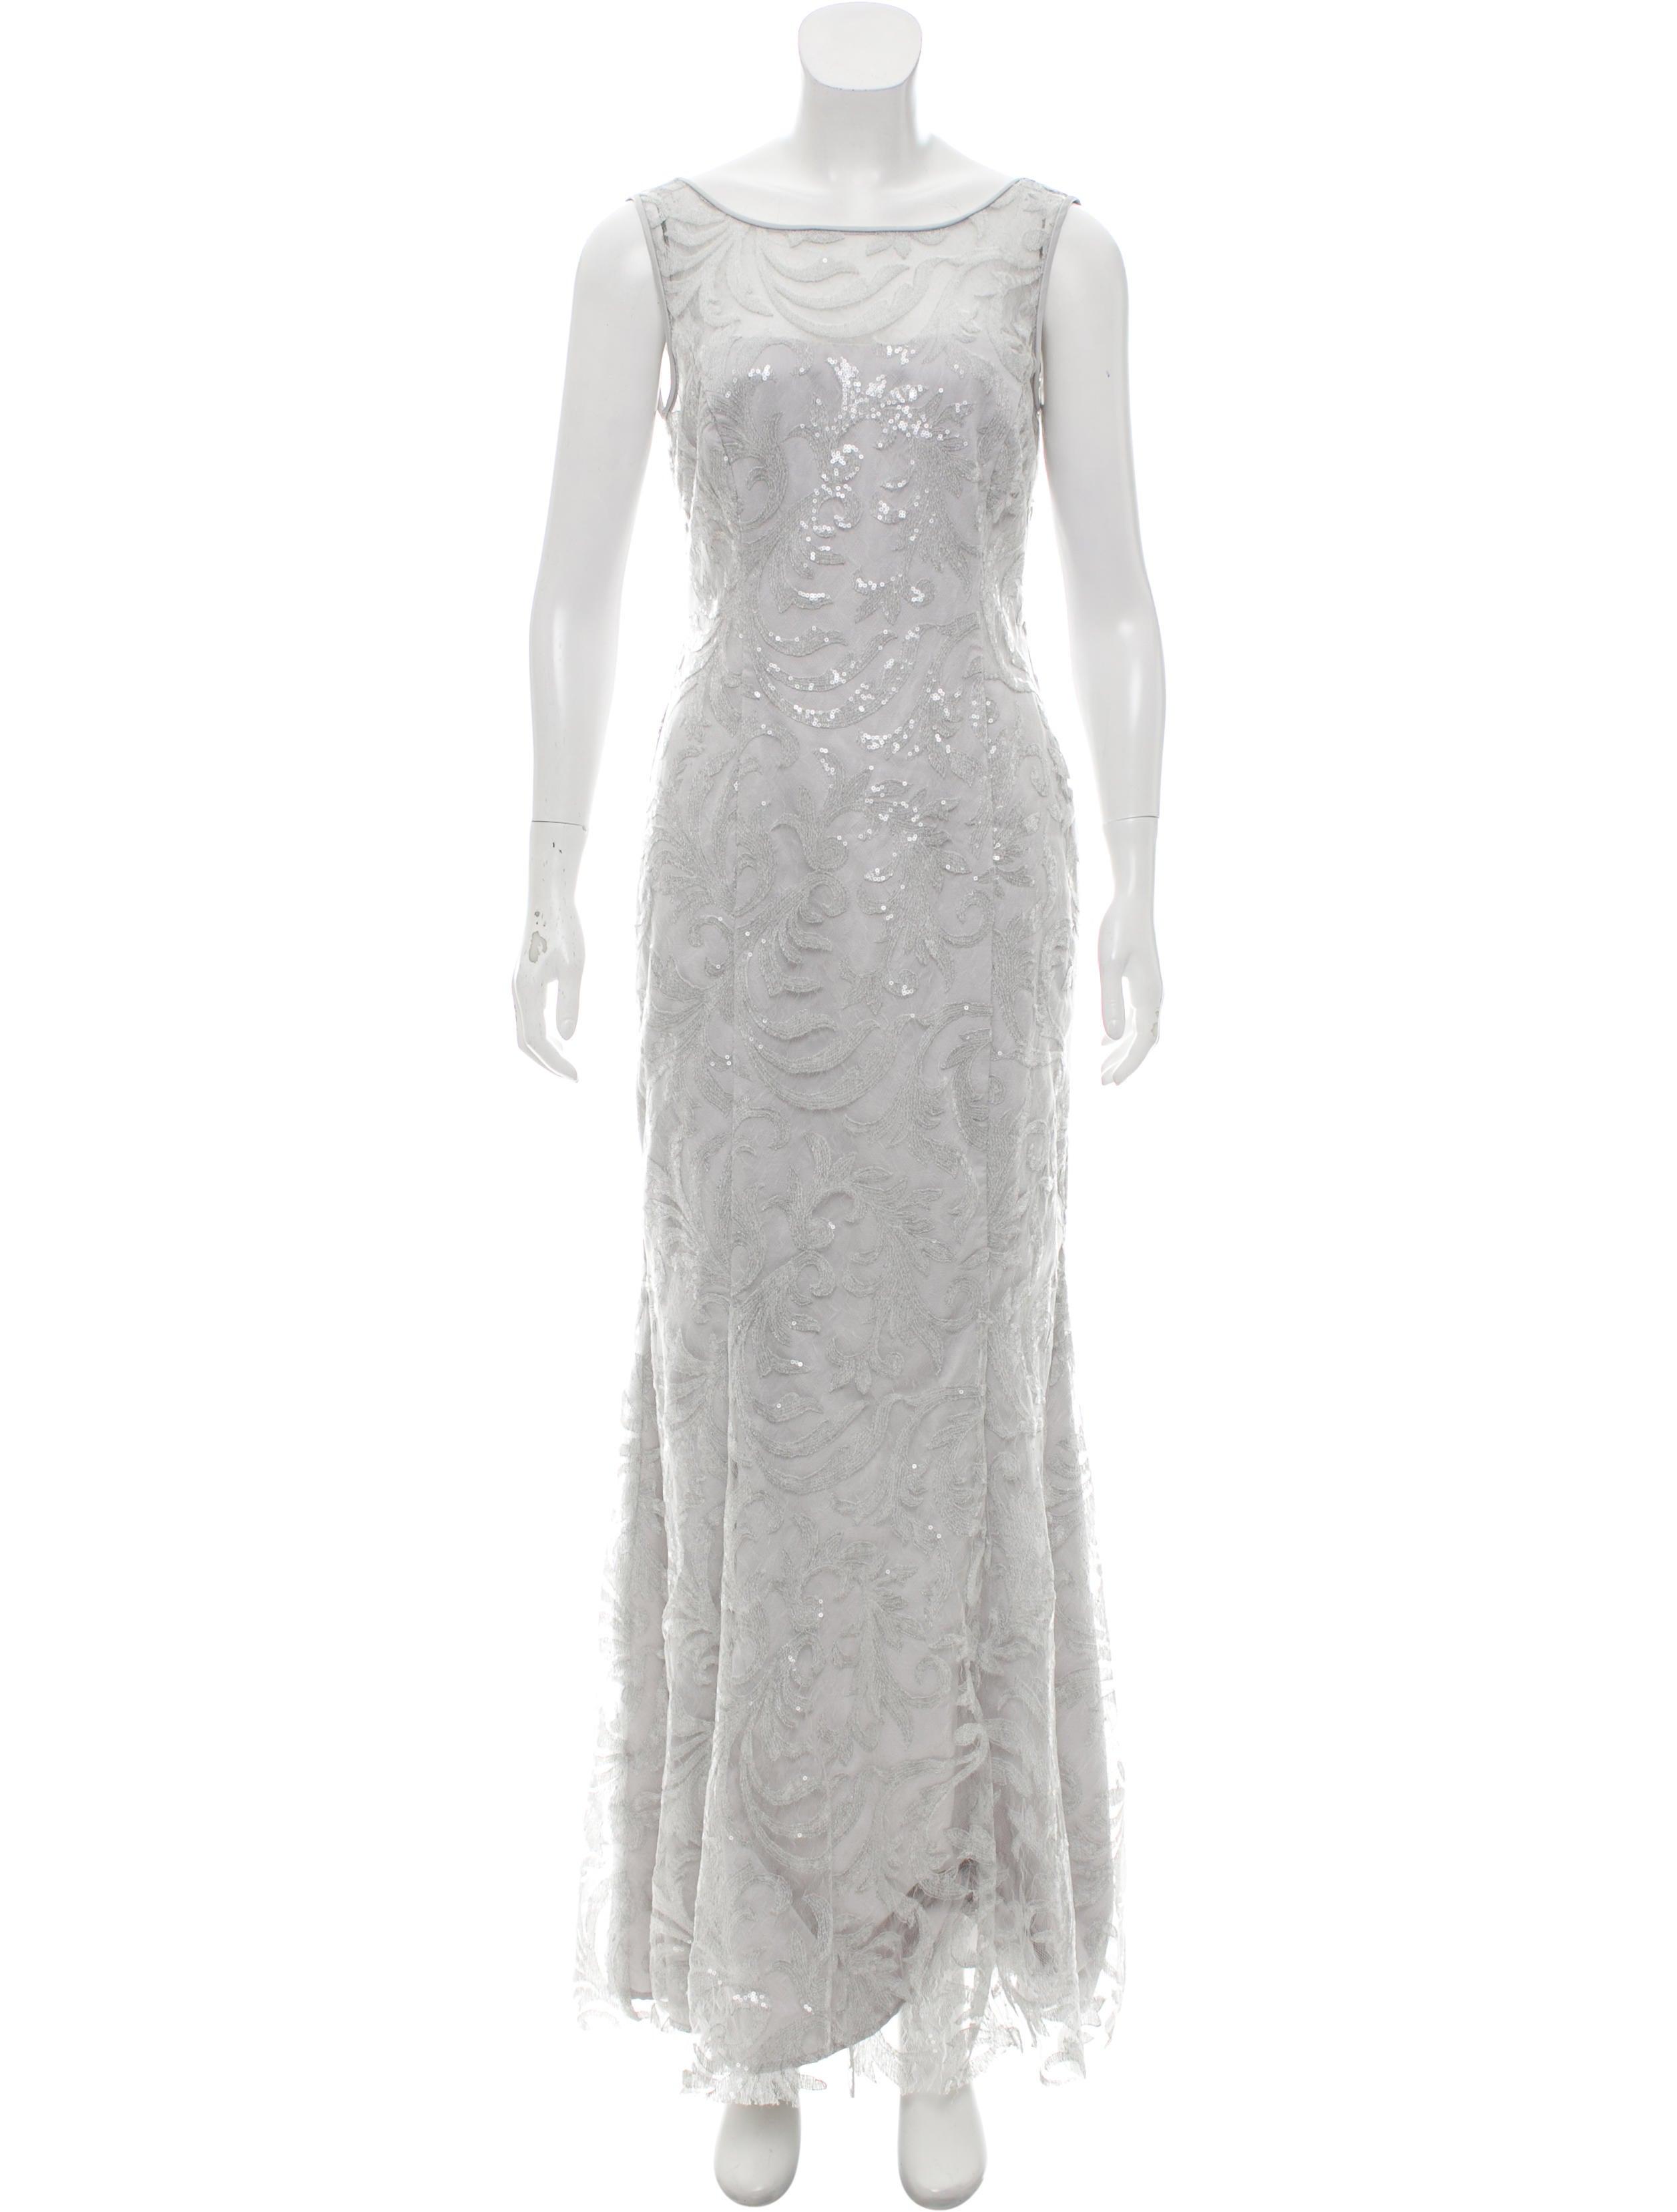 Lauren Ralph Lauren Sequined Evening Dress - Clothing - WLRLN20590 ...